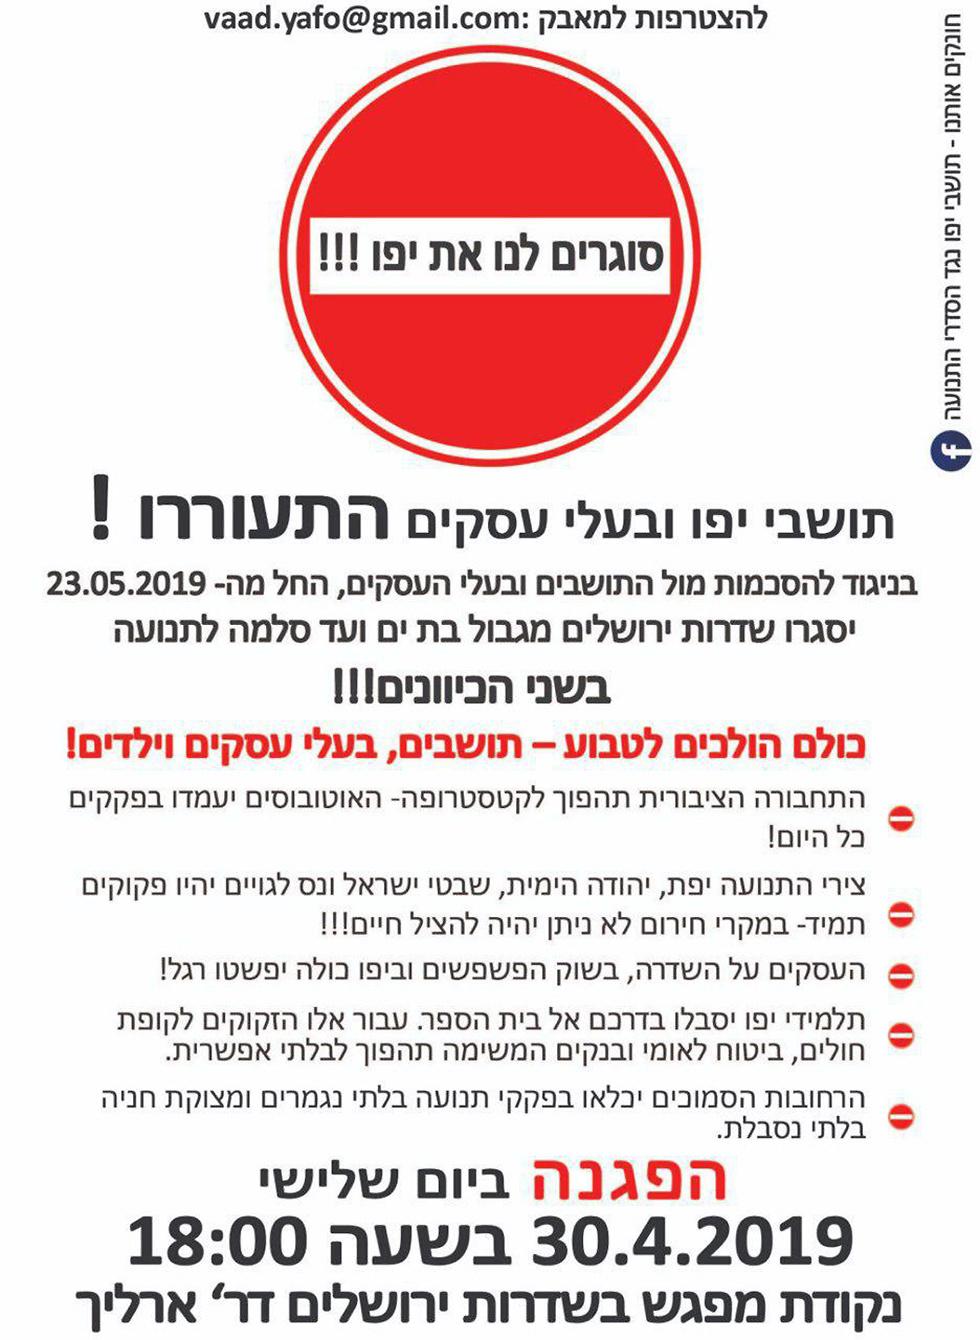 הפגנה מתוכננת ליום ל-30.04.19 נגד סגירת שדרות ירושלים ביפו ()